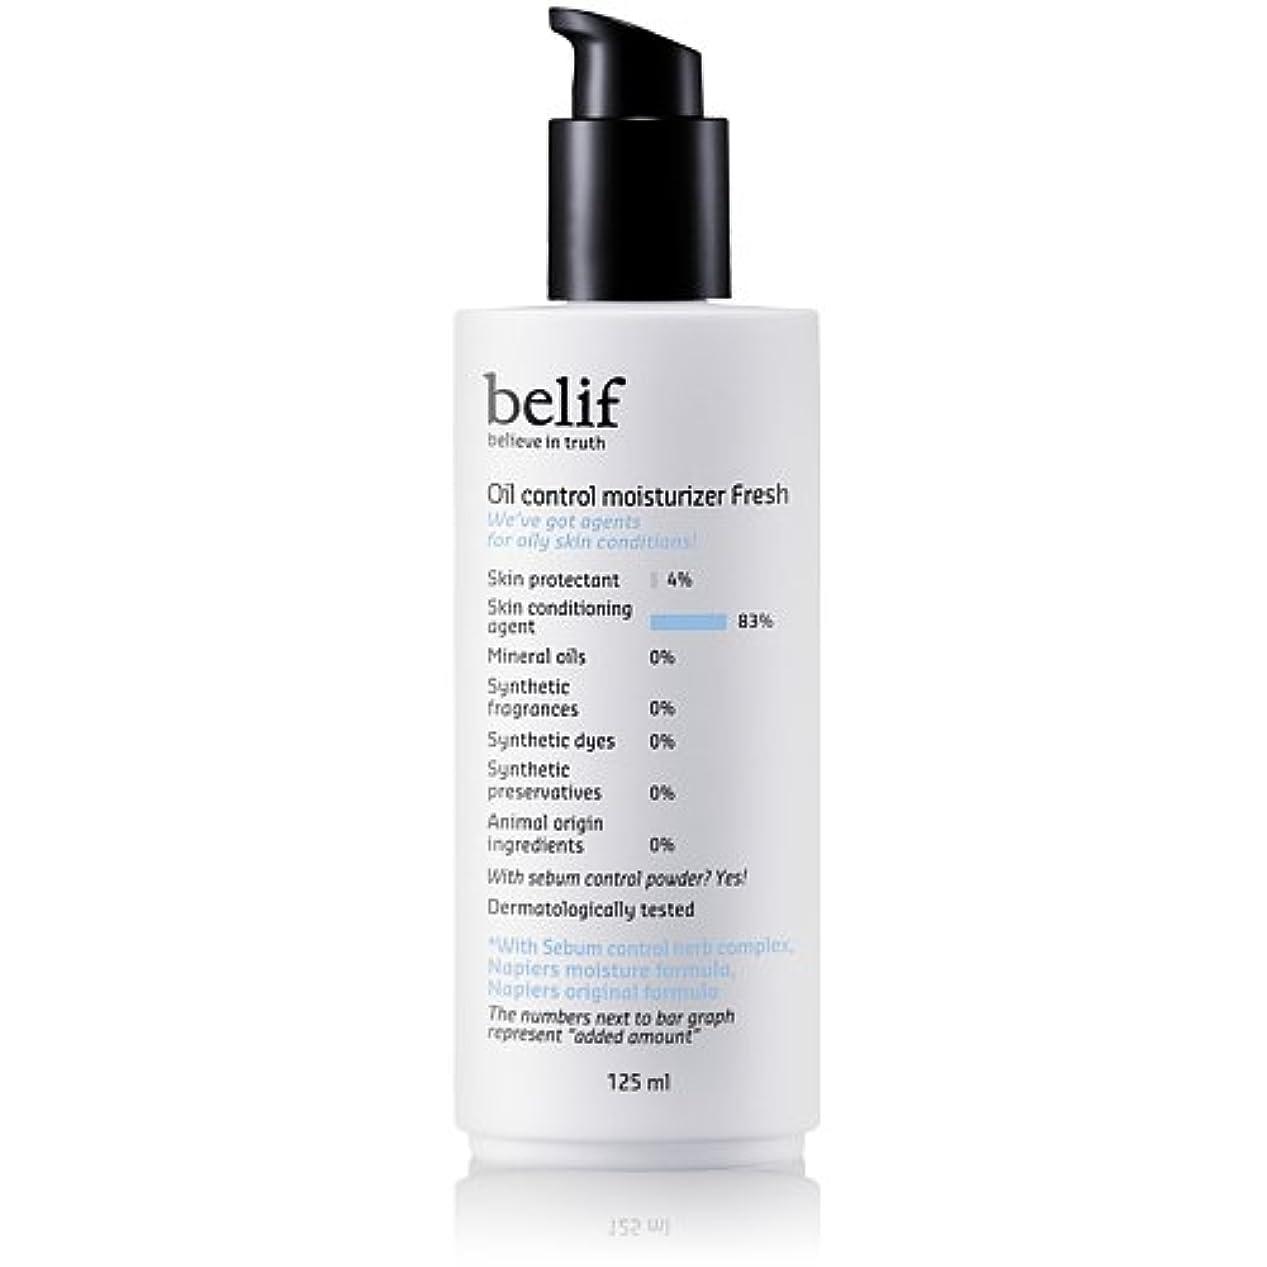 不名誉なスポークスマン巨大Belif(ビリーフ)Oil control moisturizer fresh 125ml/ビリーフオイルコントロールモイスチャライザーフレッシュ?脂性肌用[韓国コスメ/オーガニックコスメ]